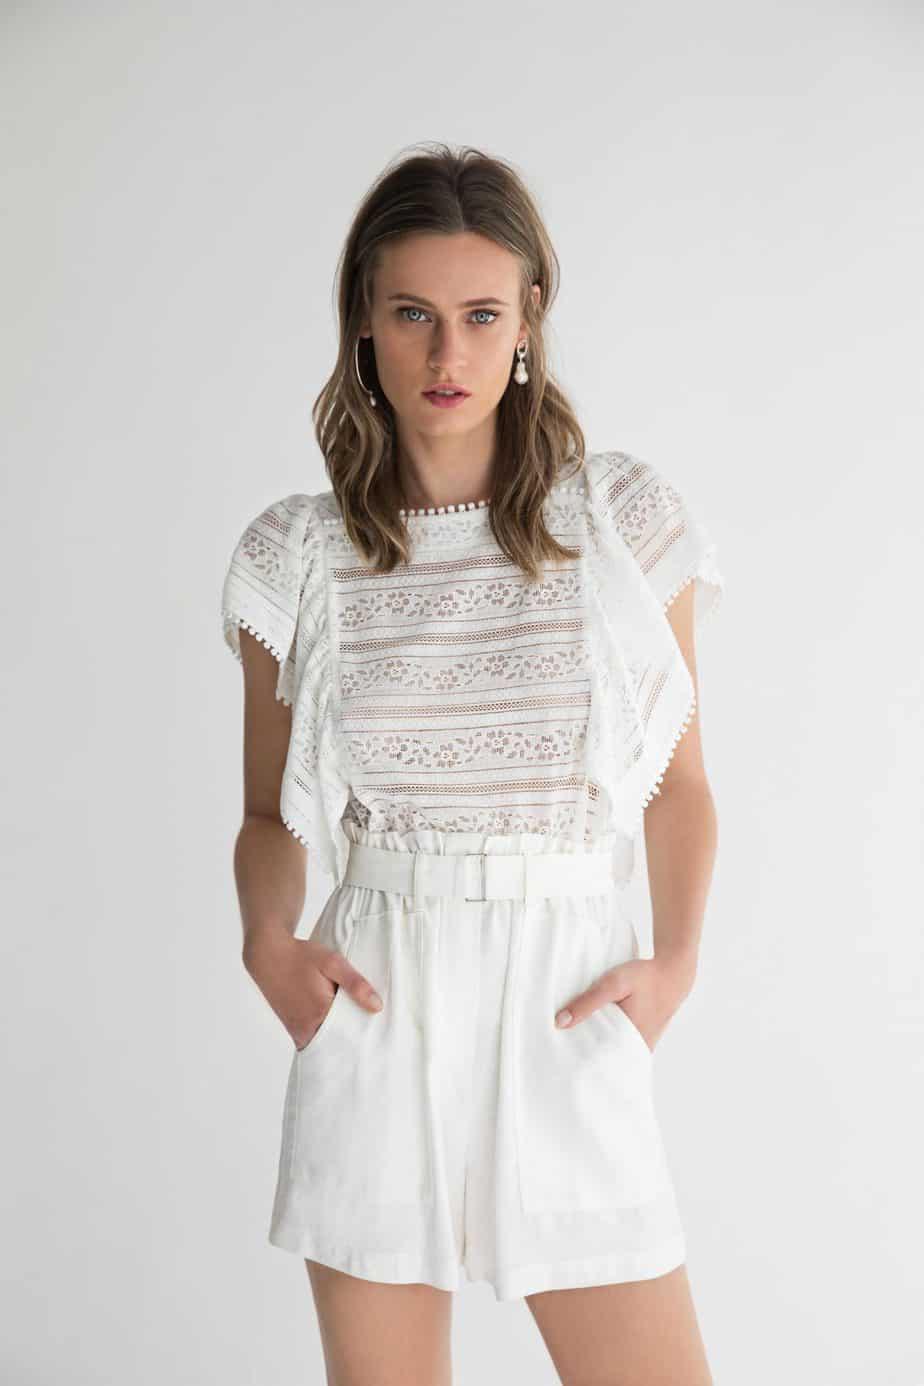 Sabina-Musayev-SS19-top-529-nis-photo-Shay-Yahezkel ----Shopping ,Fashion ,Trends, Fashion Magazine, מגזין אופנה ישראלי, חדשות אופנה, חדשות יופי, כתבות אופנה, אופנה ישראלית, עיצוב אופנה, צילום אופנה, הפקות אופנה